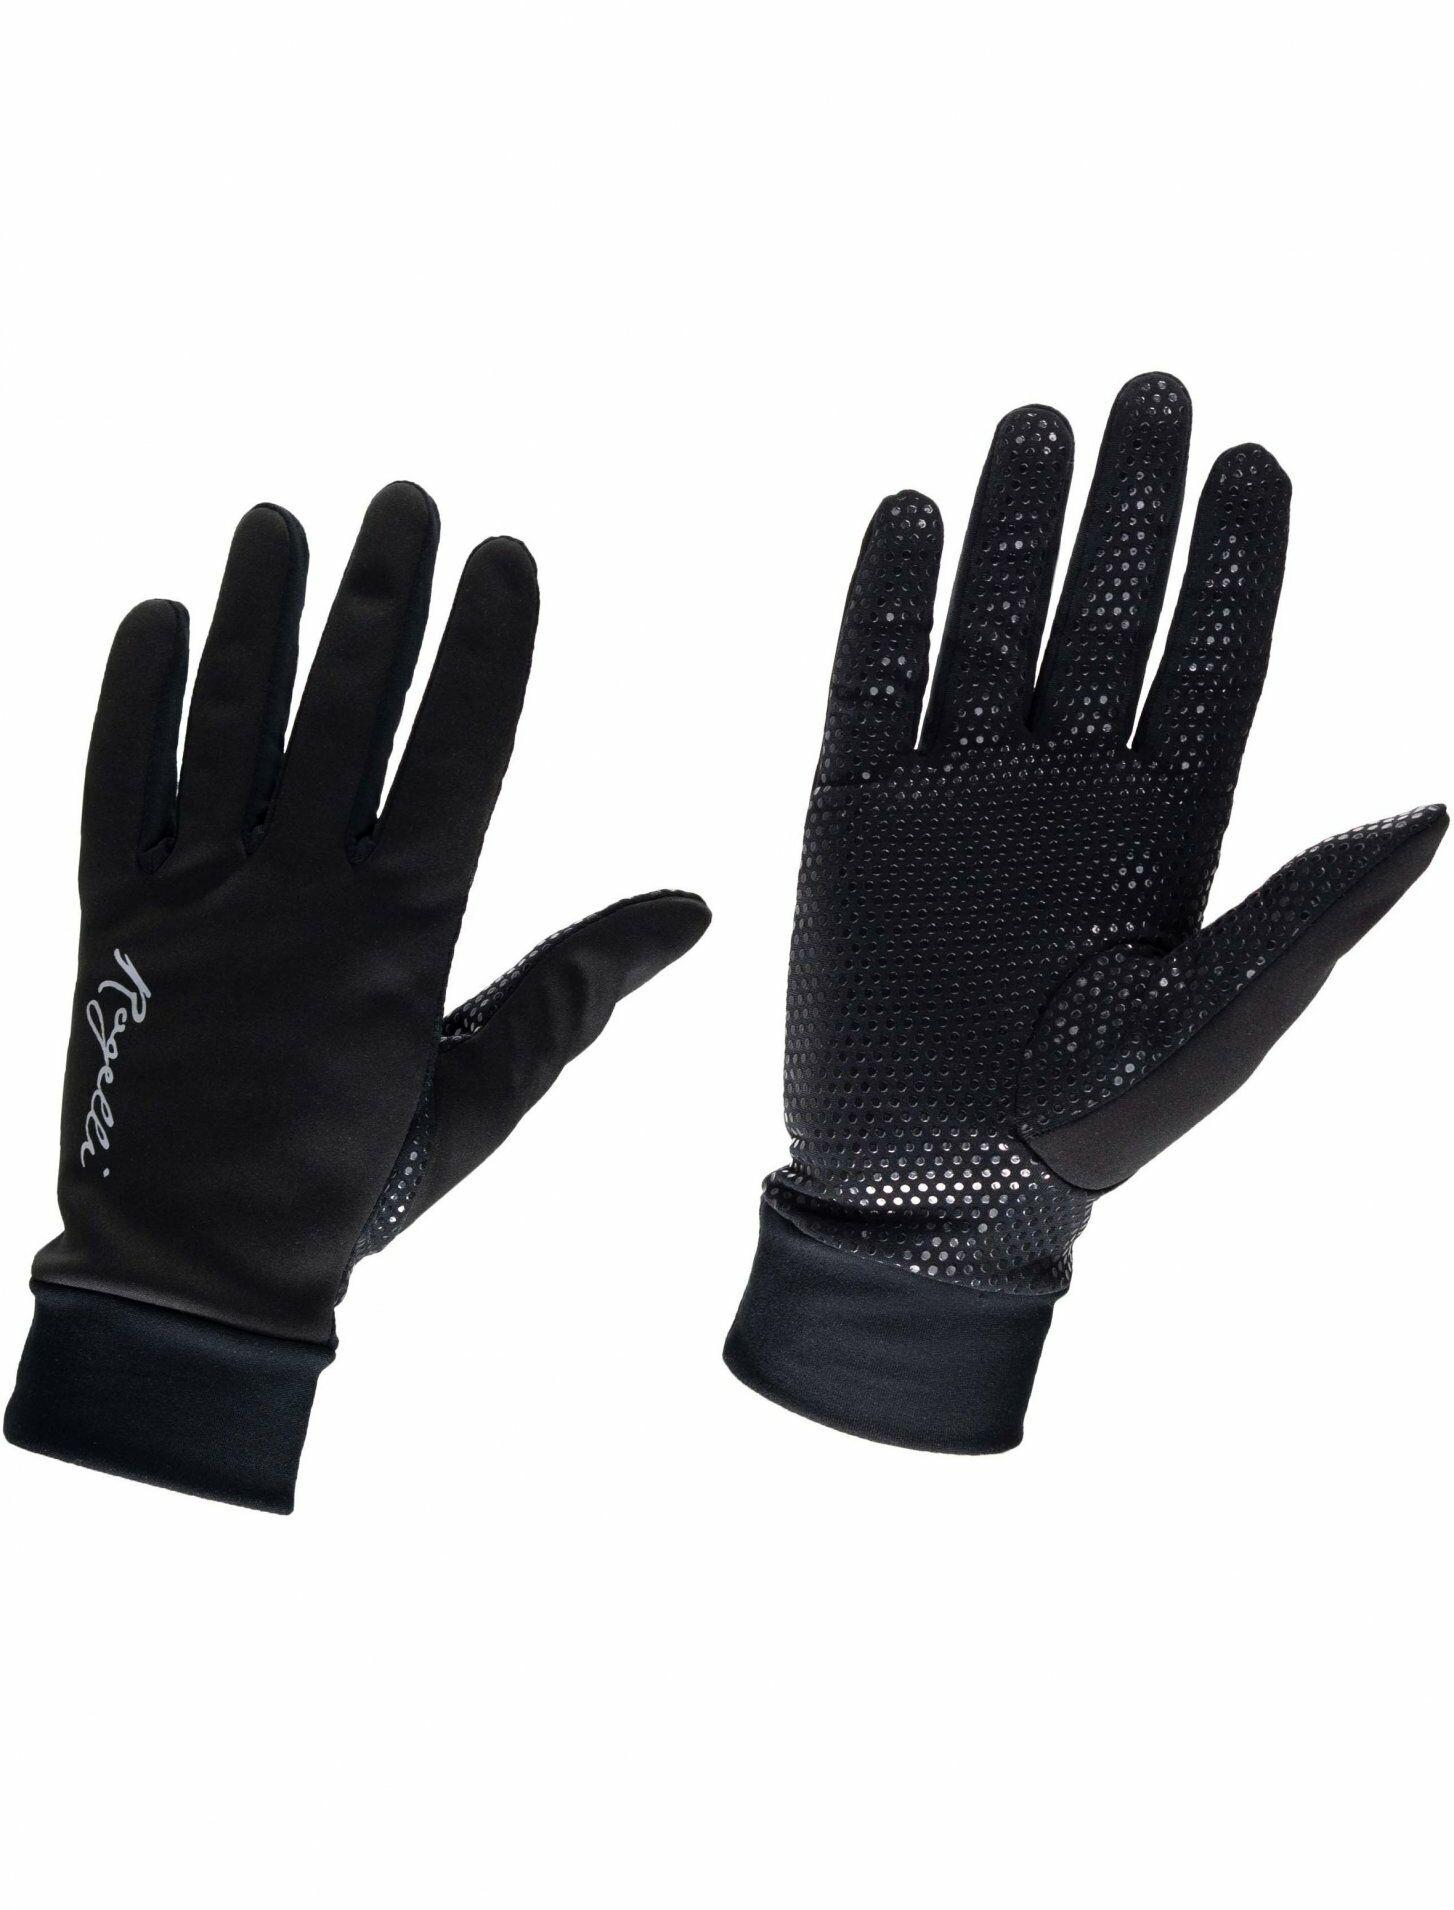 ROGELLI LAVAL Damskie zimowe rękawiczki Czarne 010.661 Rozmiar: L,ROGELLI LAVAL 010.661